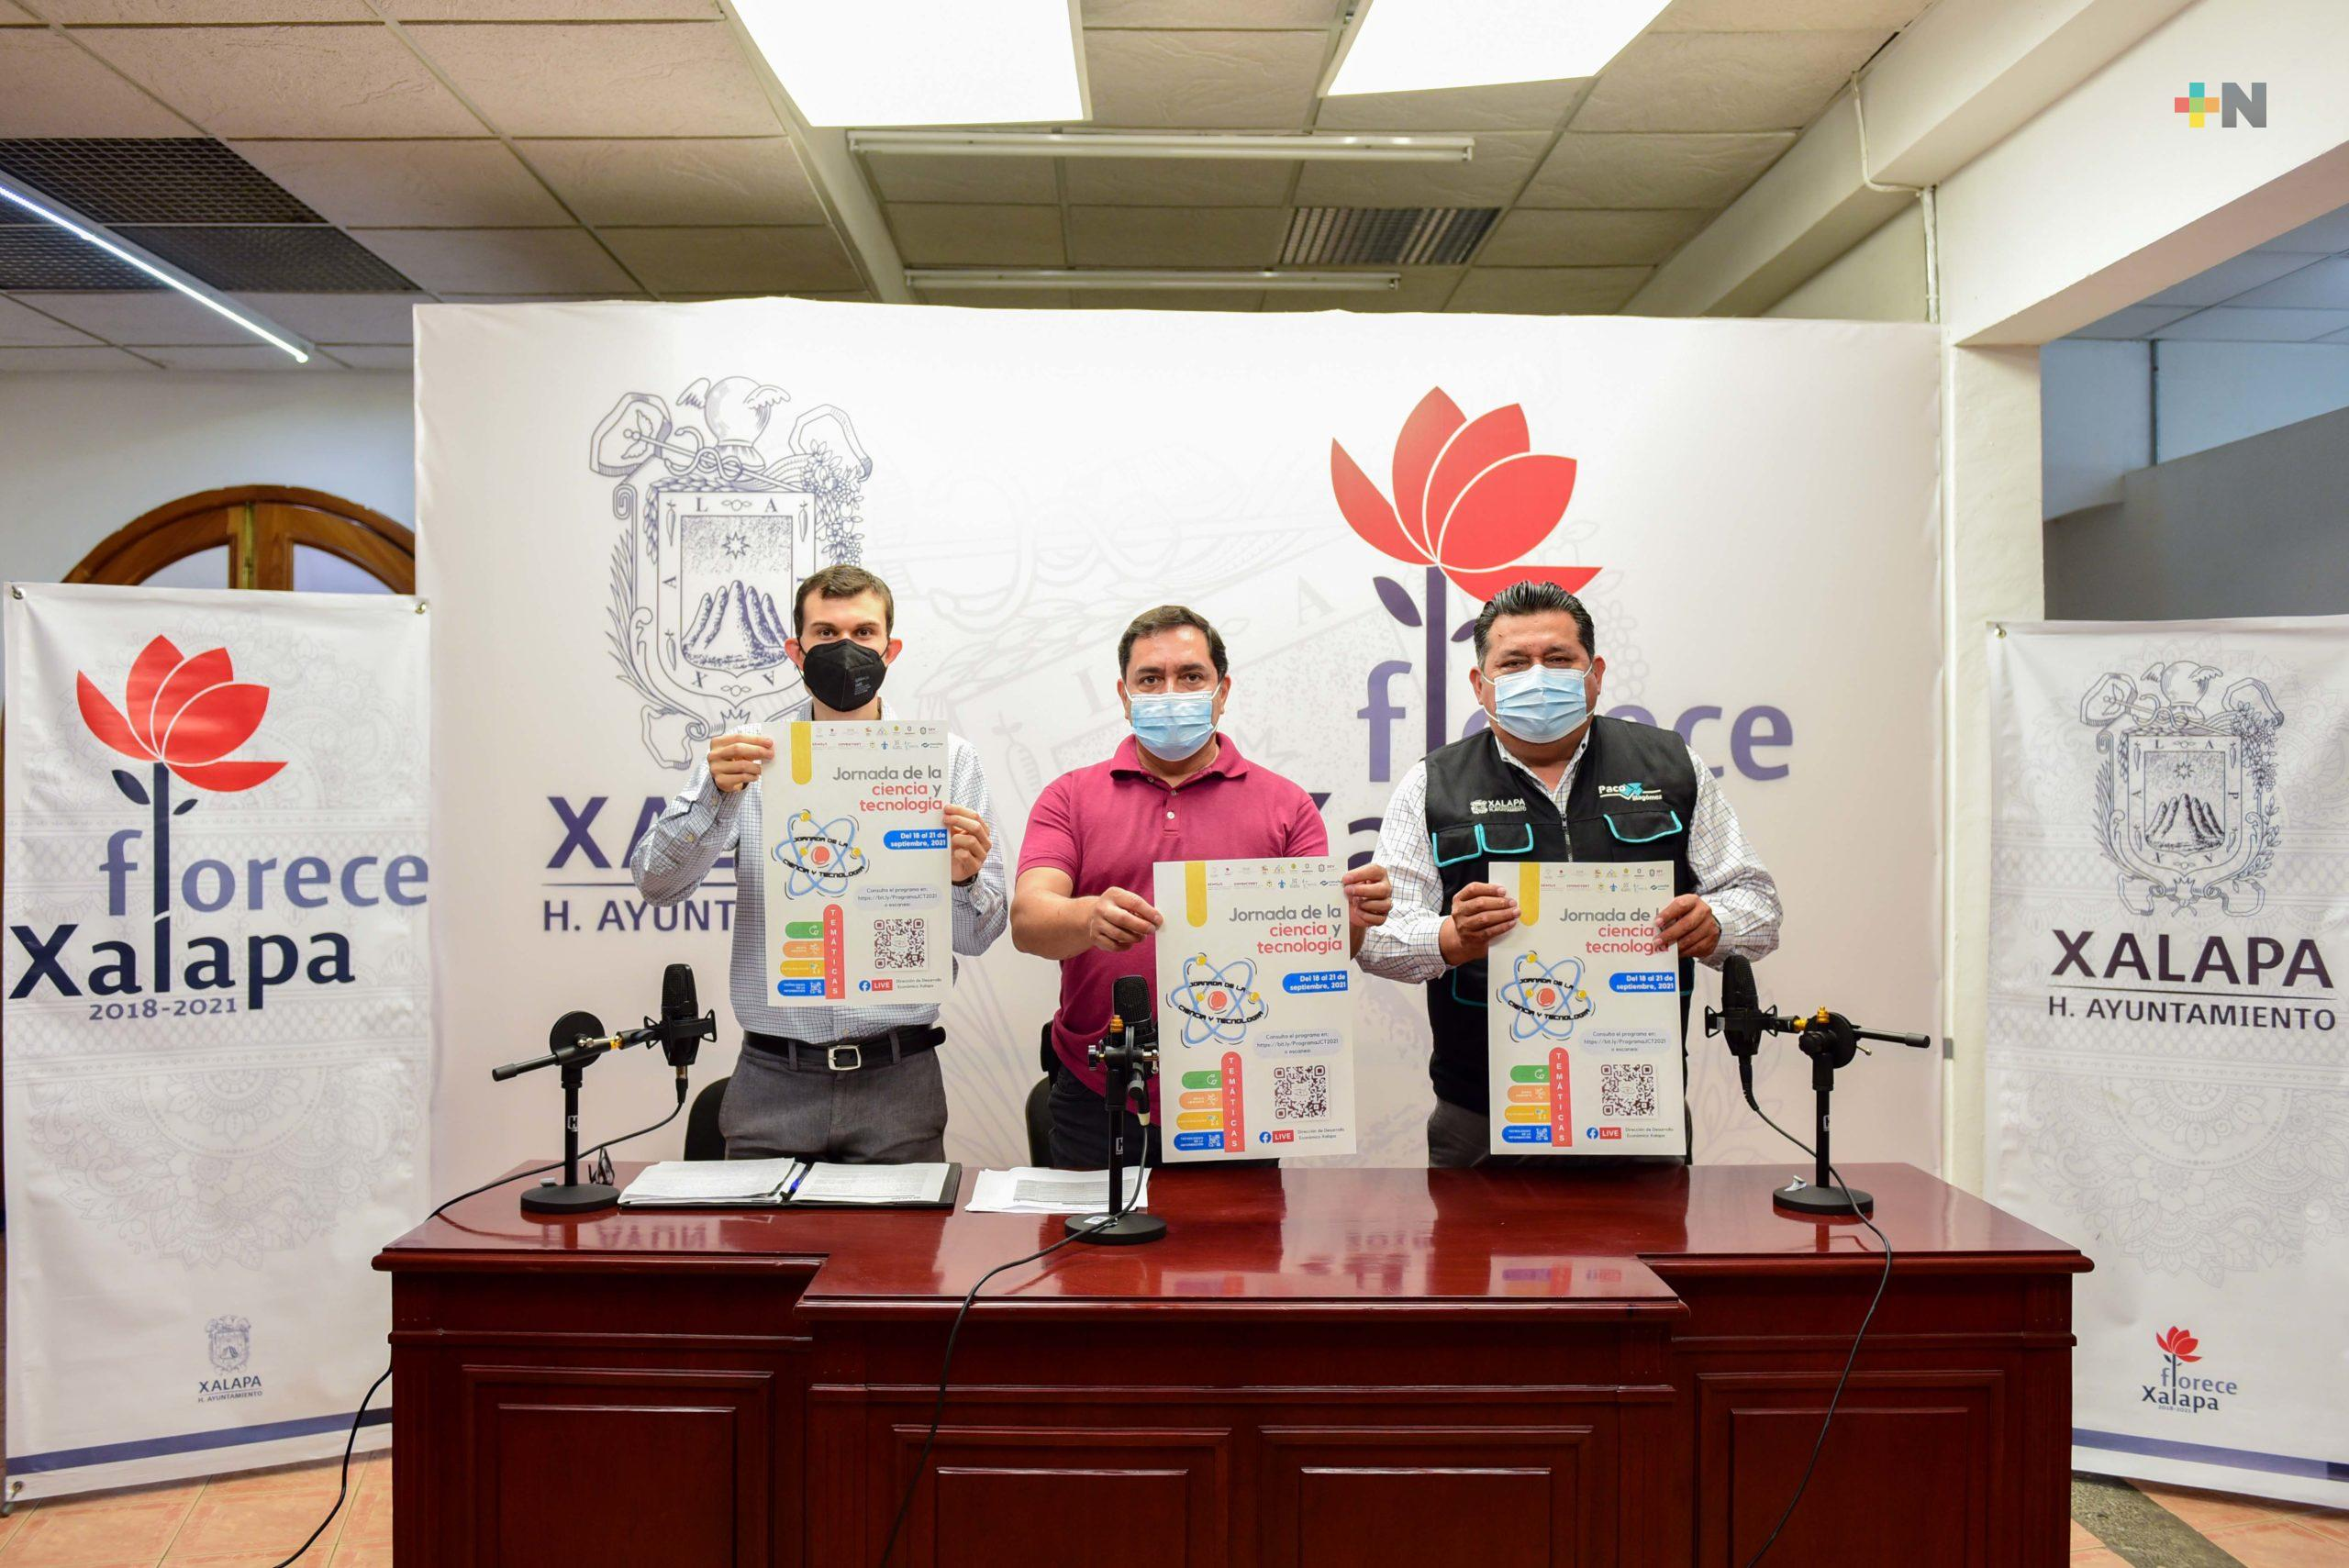 Xalapa anuncia Jornada de la Ciencia y Tecnología 2021